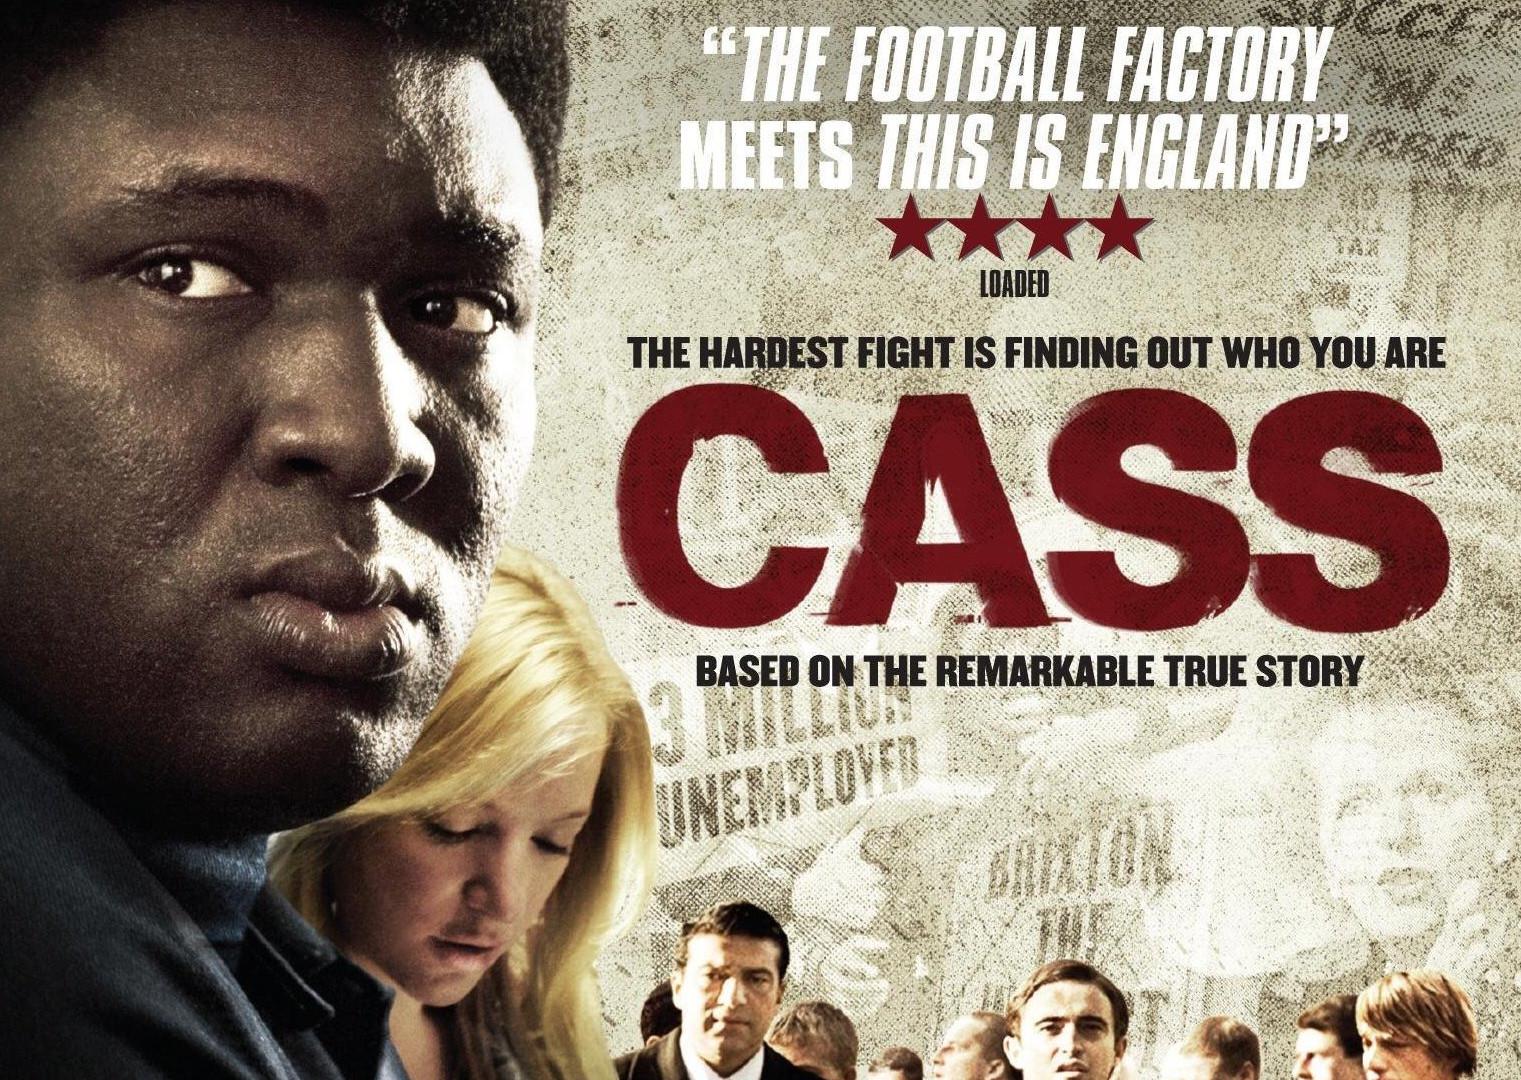 'CASS' - Cass Films